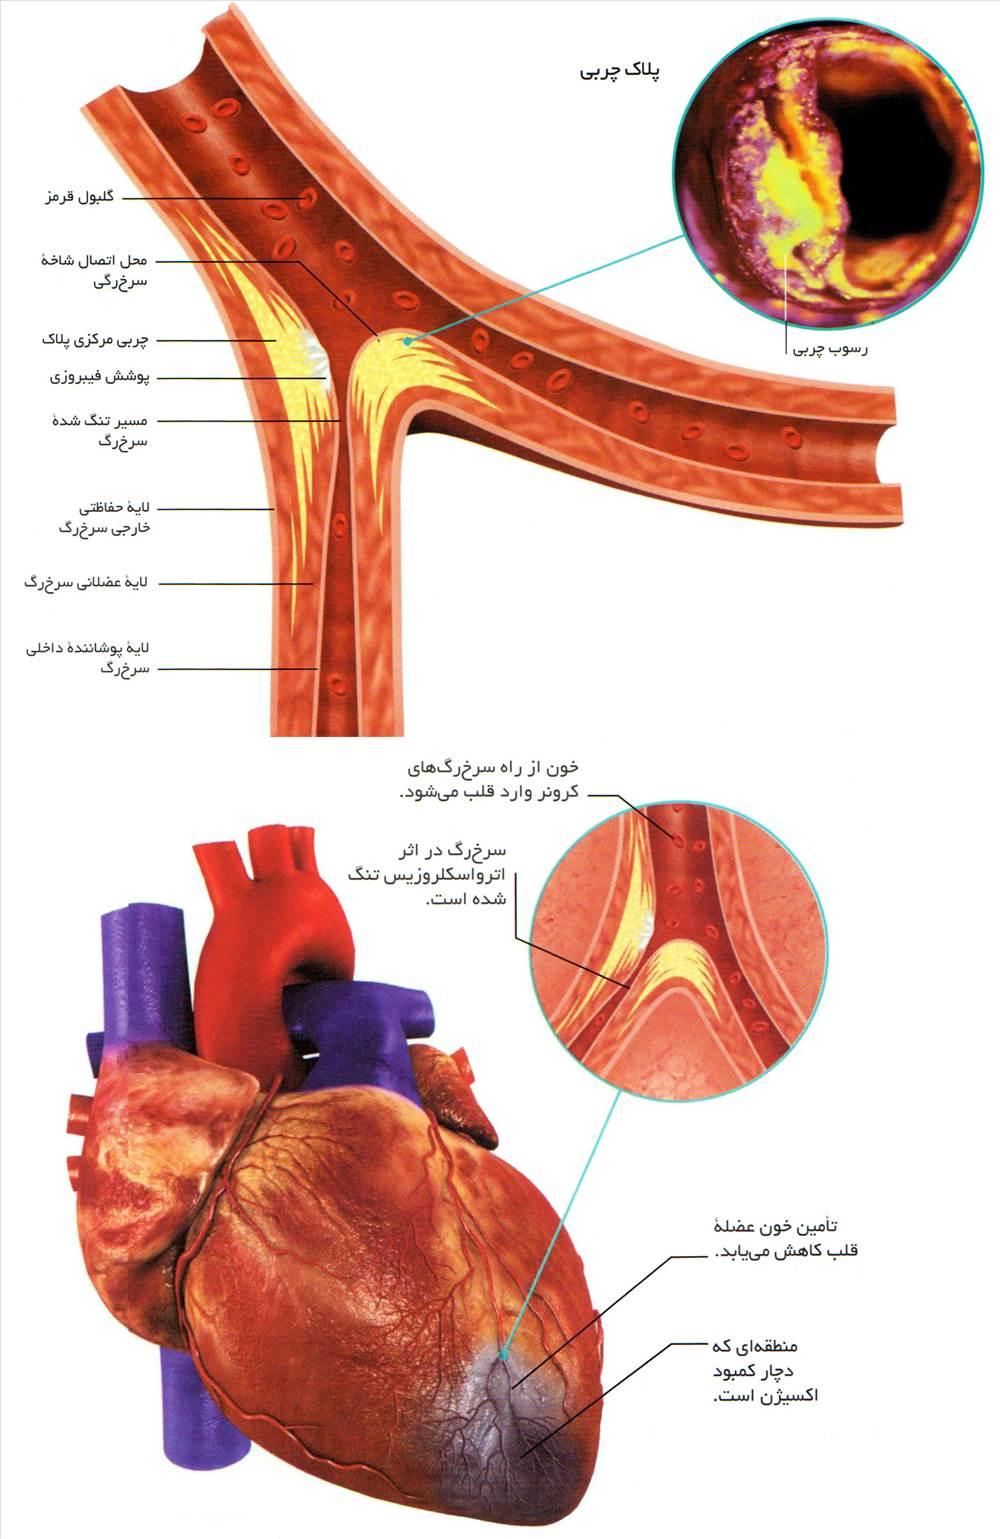 گرفتگی شریانها